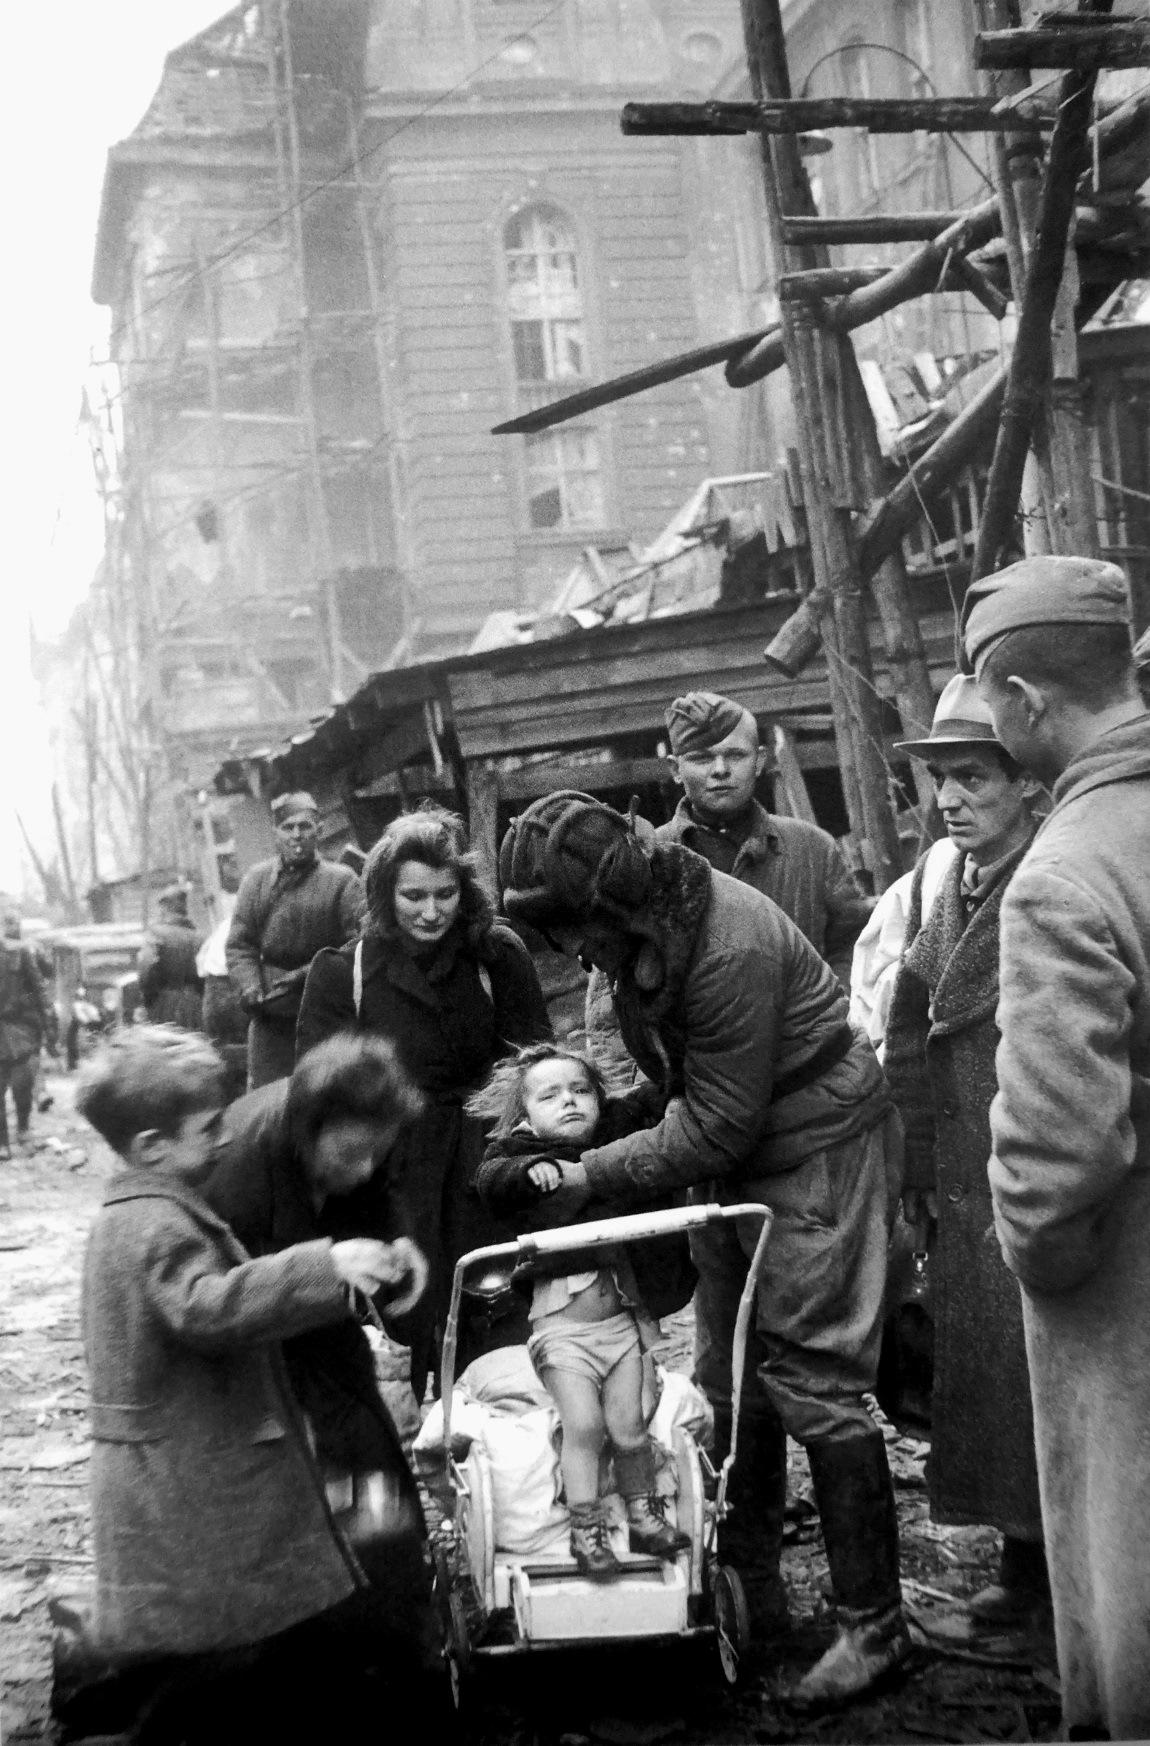 Советский солдат помогает немецкой женщине с детьми. Берлин, май 1945 года.